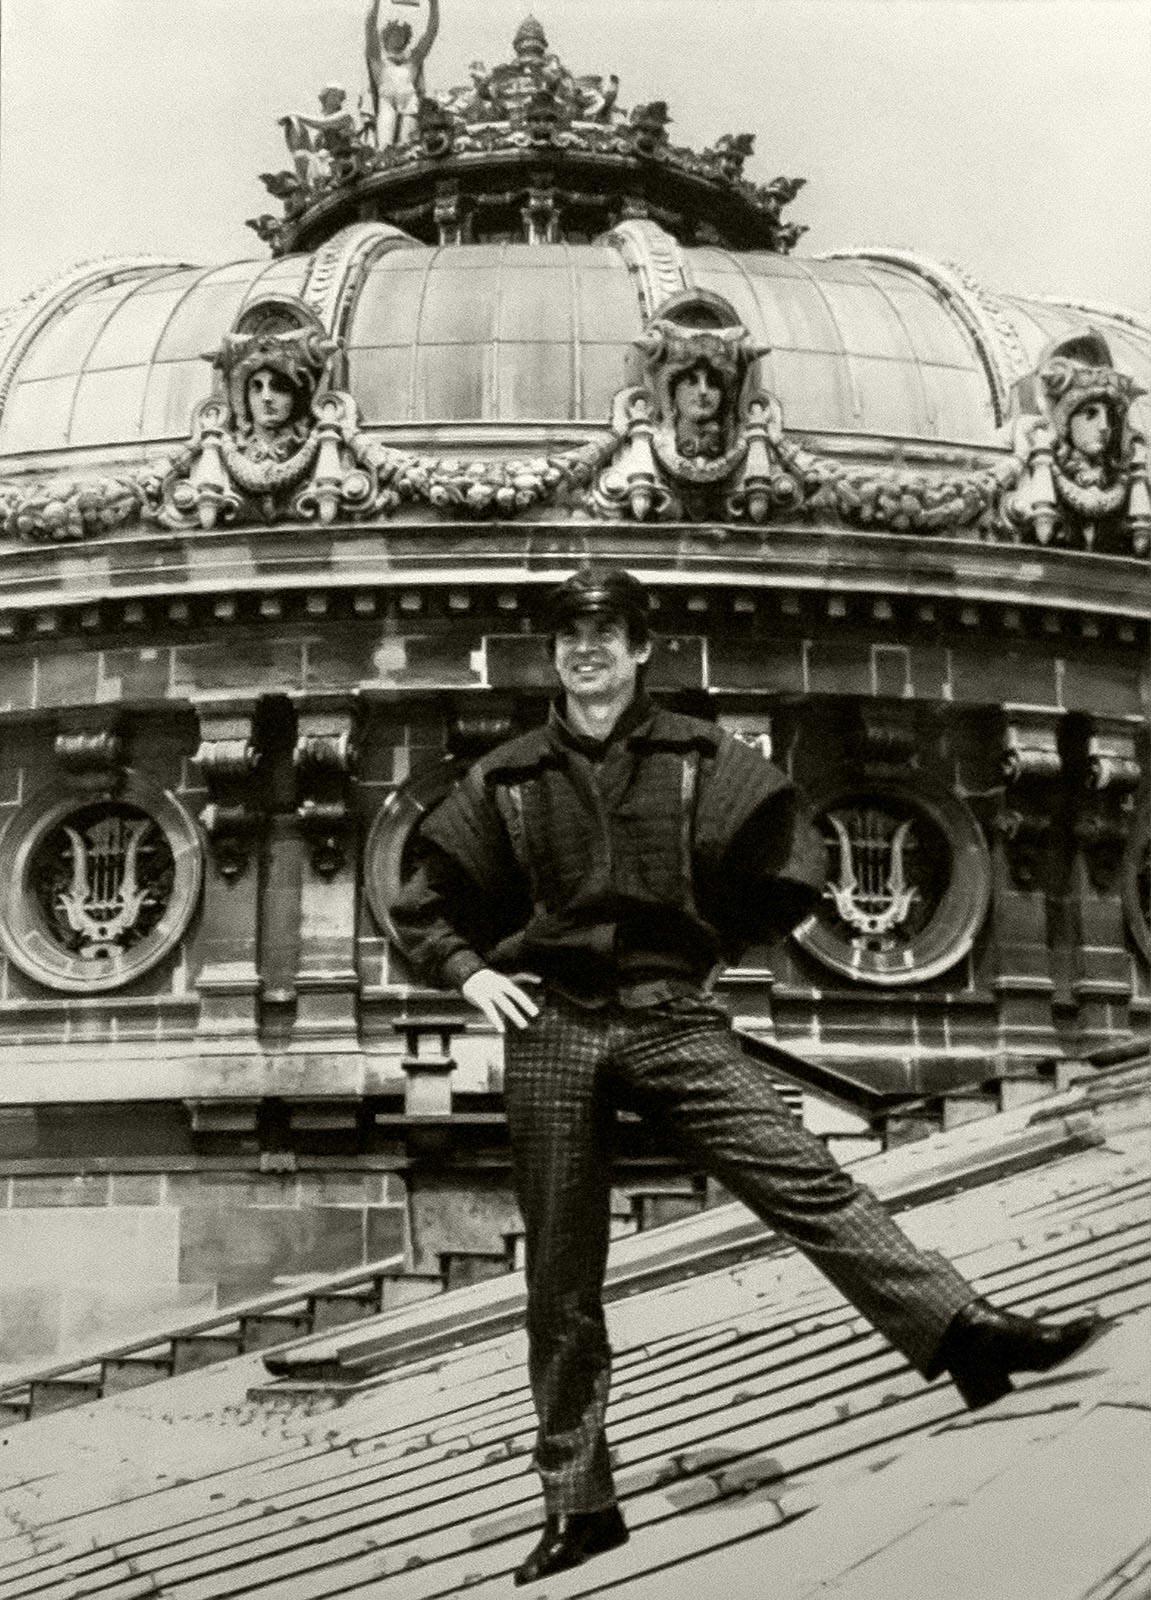 Рудольф Нуриев на крыше Гранд Опера. Фото С. Массон. Государственный музей театрального искусства, Санкт-Петербург. Источник http://art16.ru/